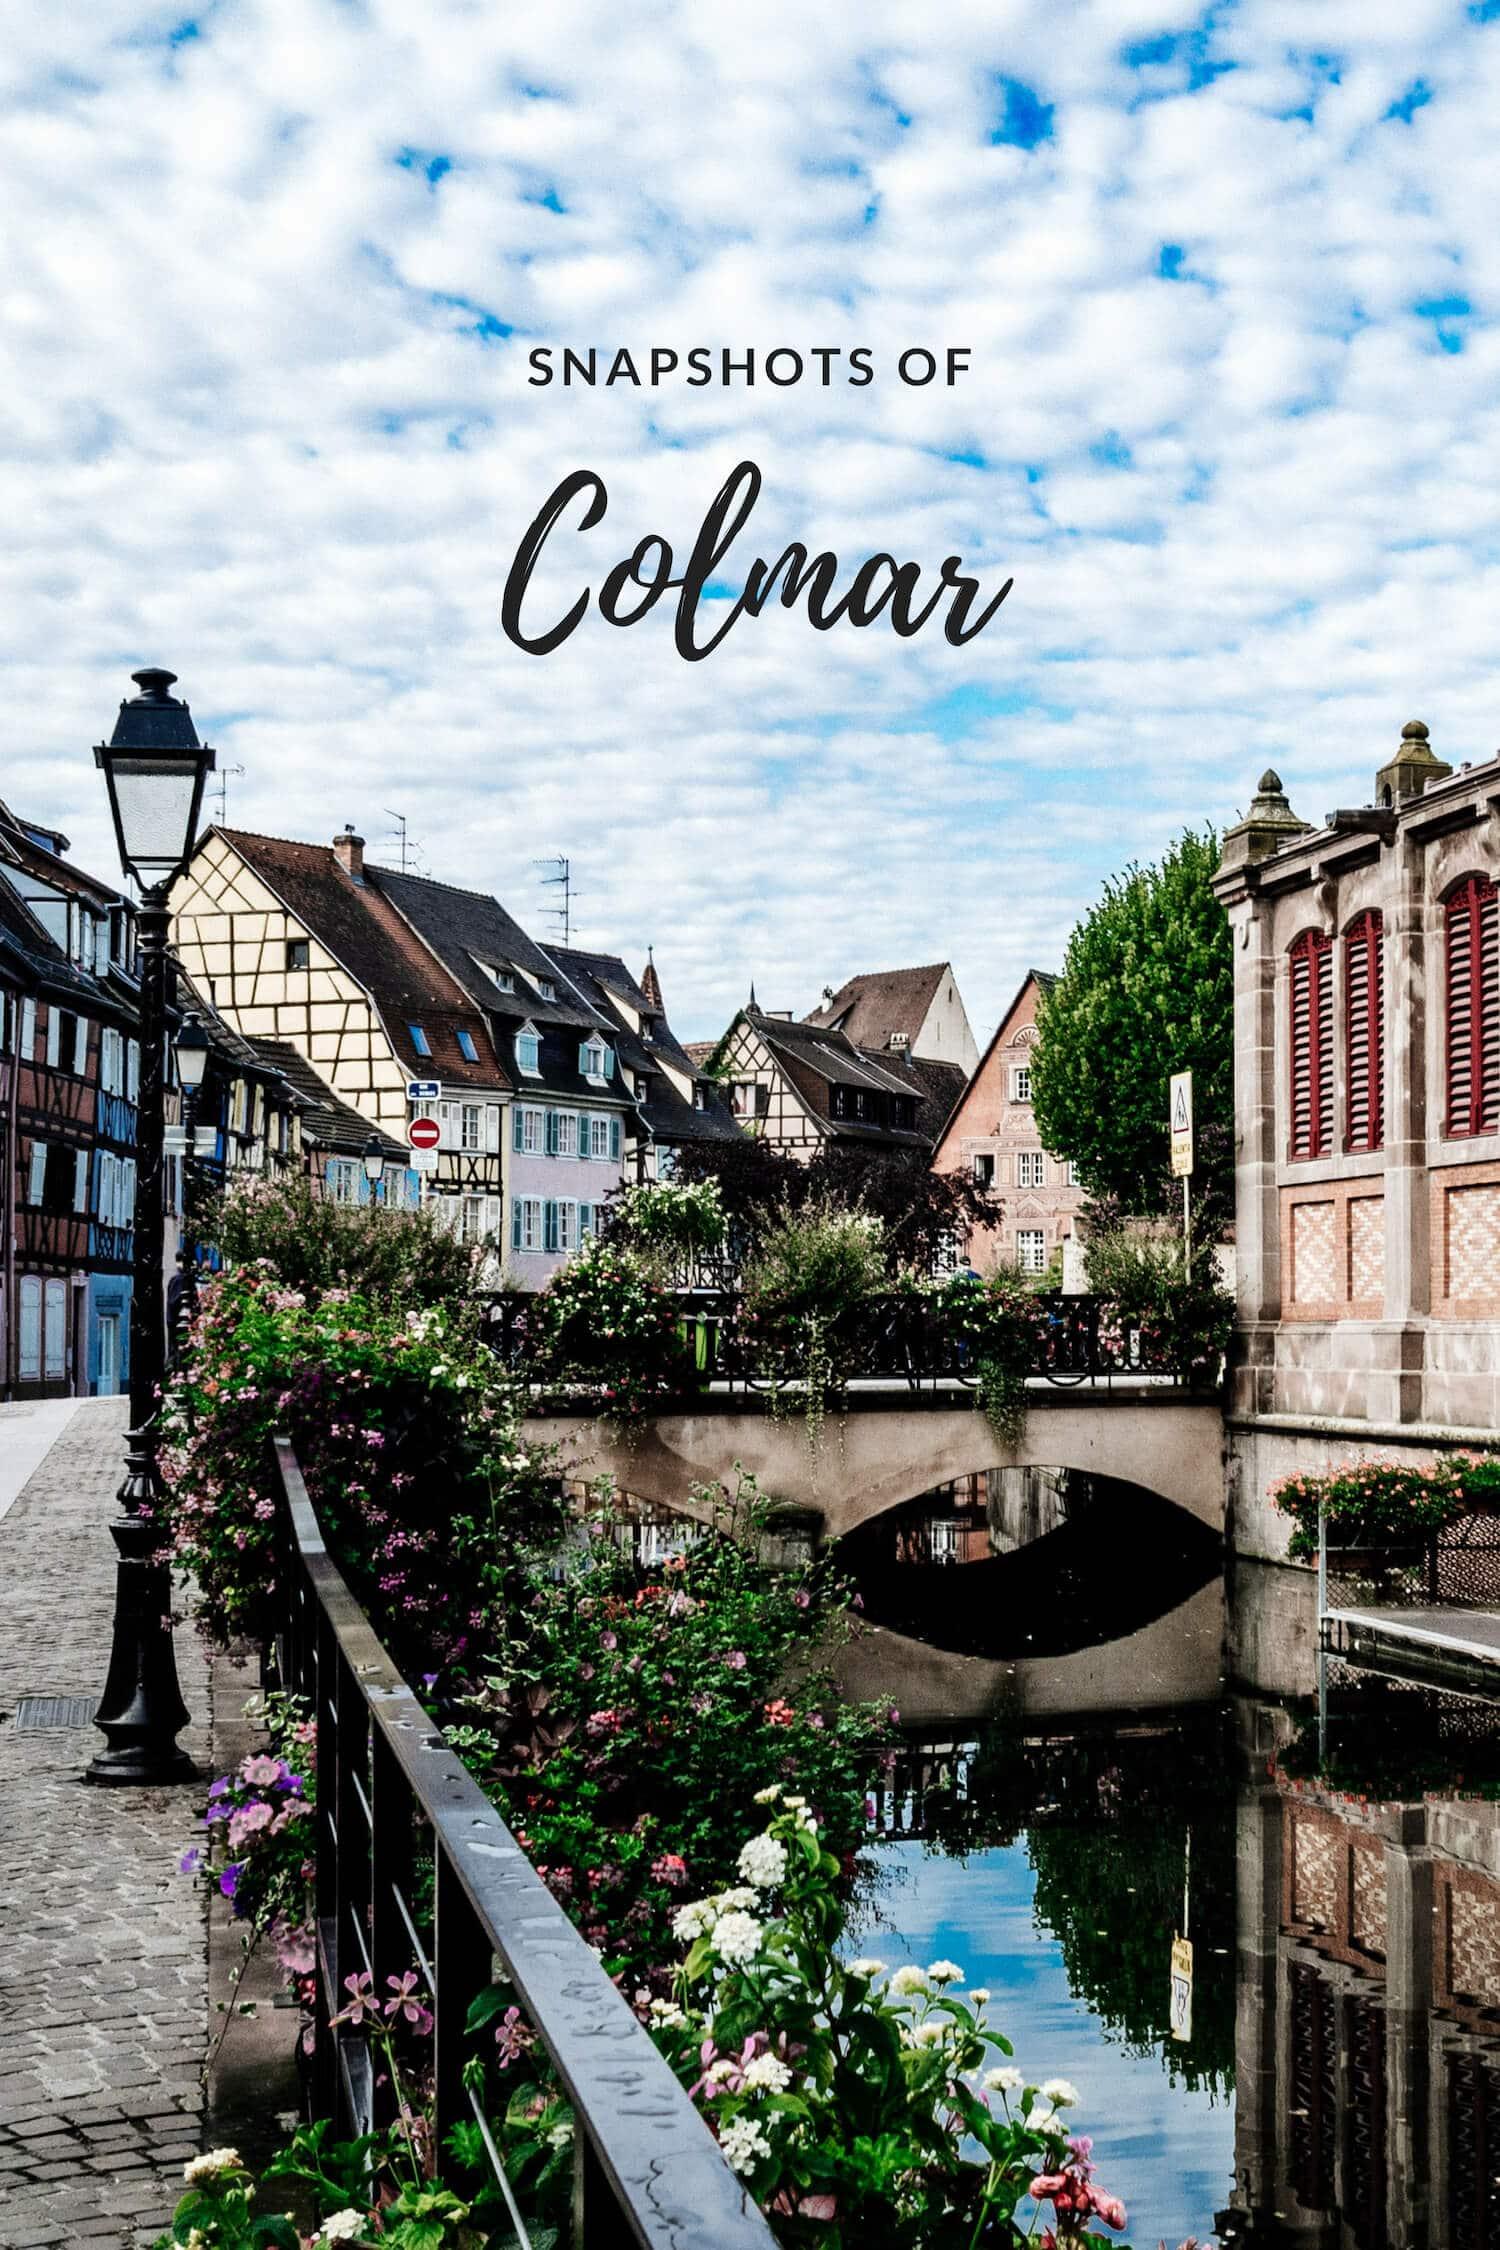 Snapshots of Colmar Alsace